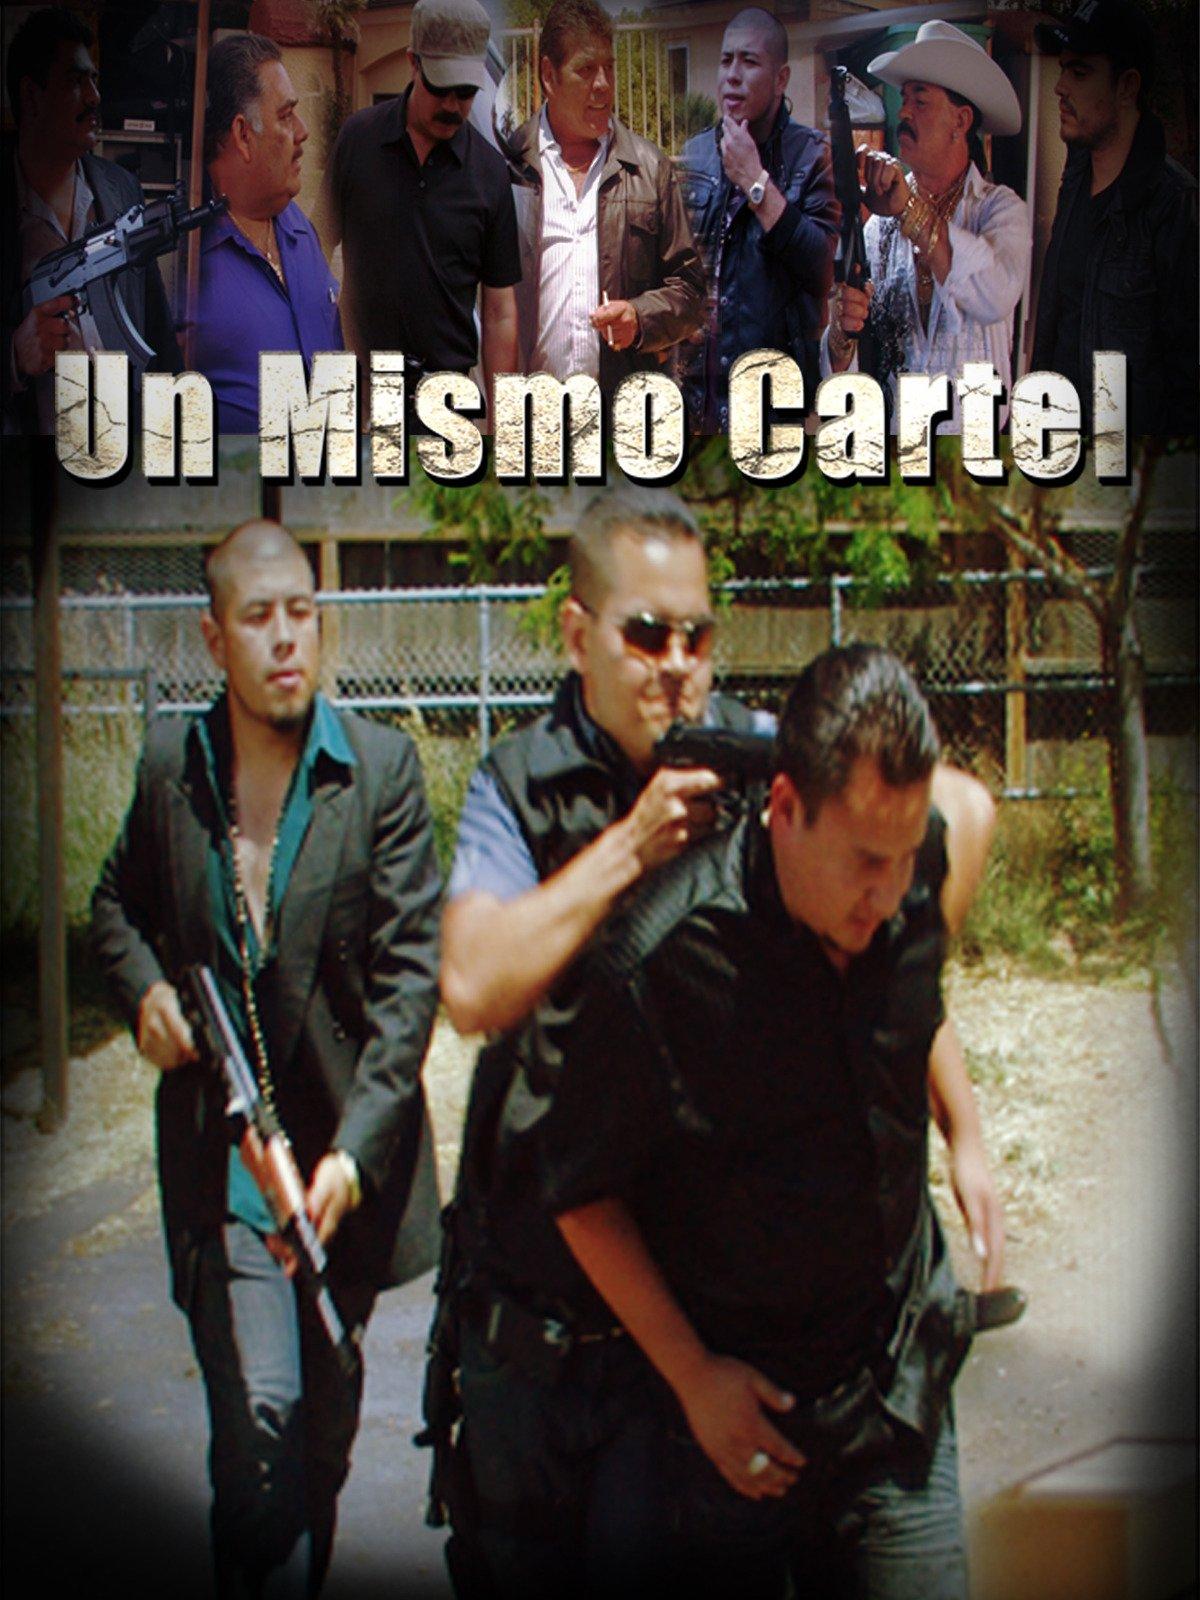 Watch Un Mismo Cartel | Prime Video